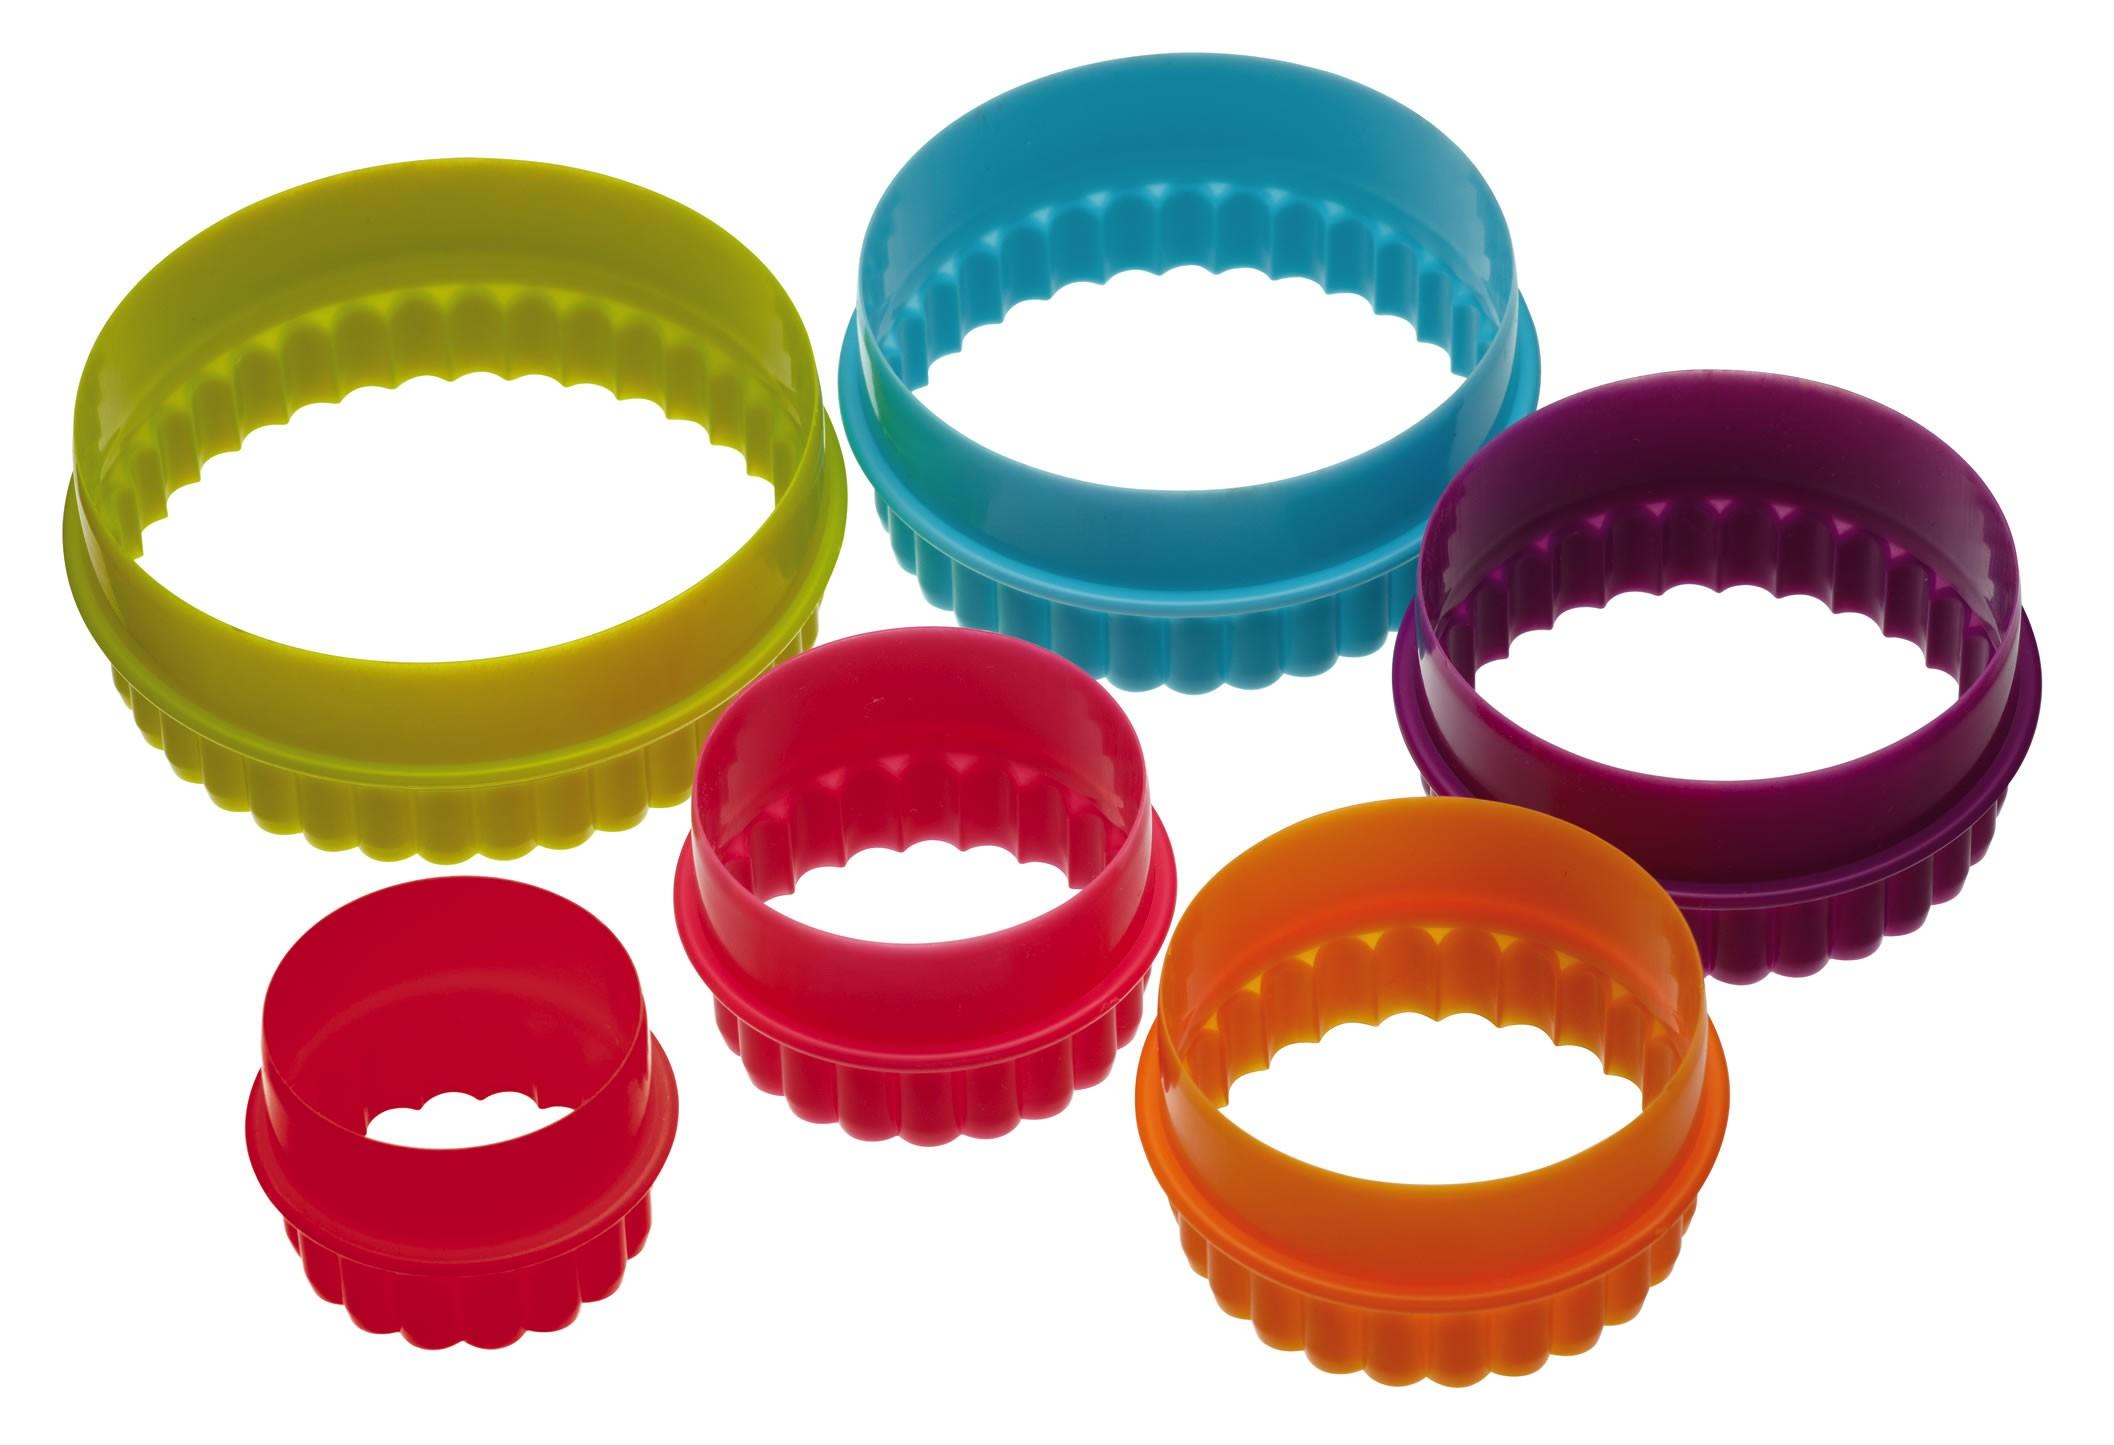 κουπ-πατ σετ 6 τεμάχια στρογγυλά colourworks by kitchencraft